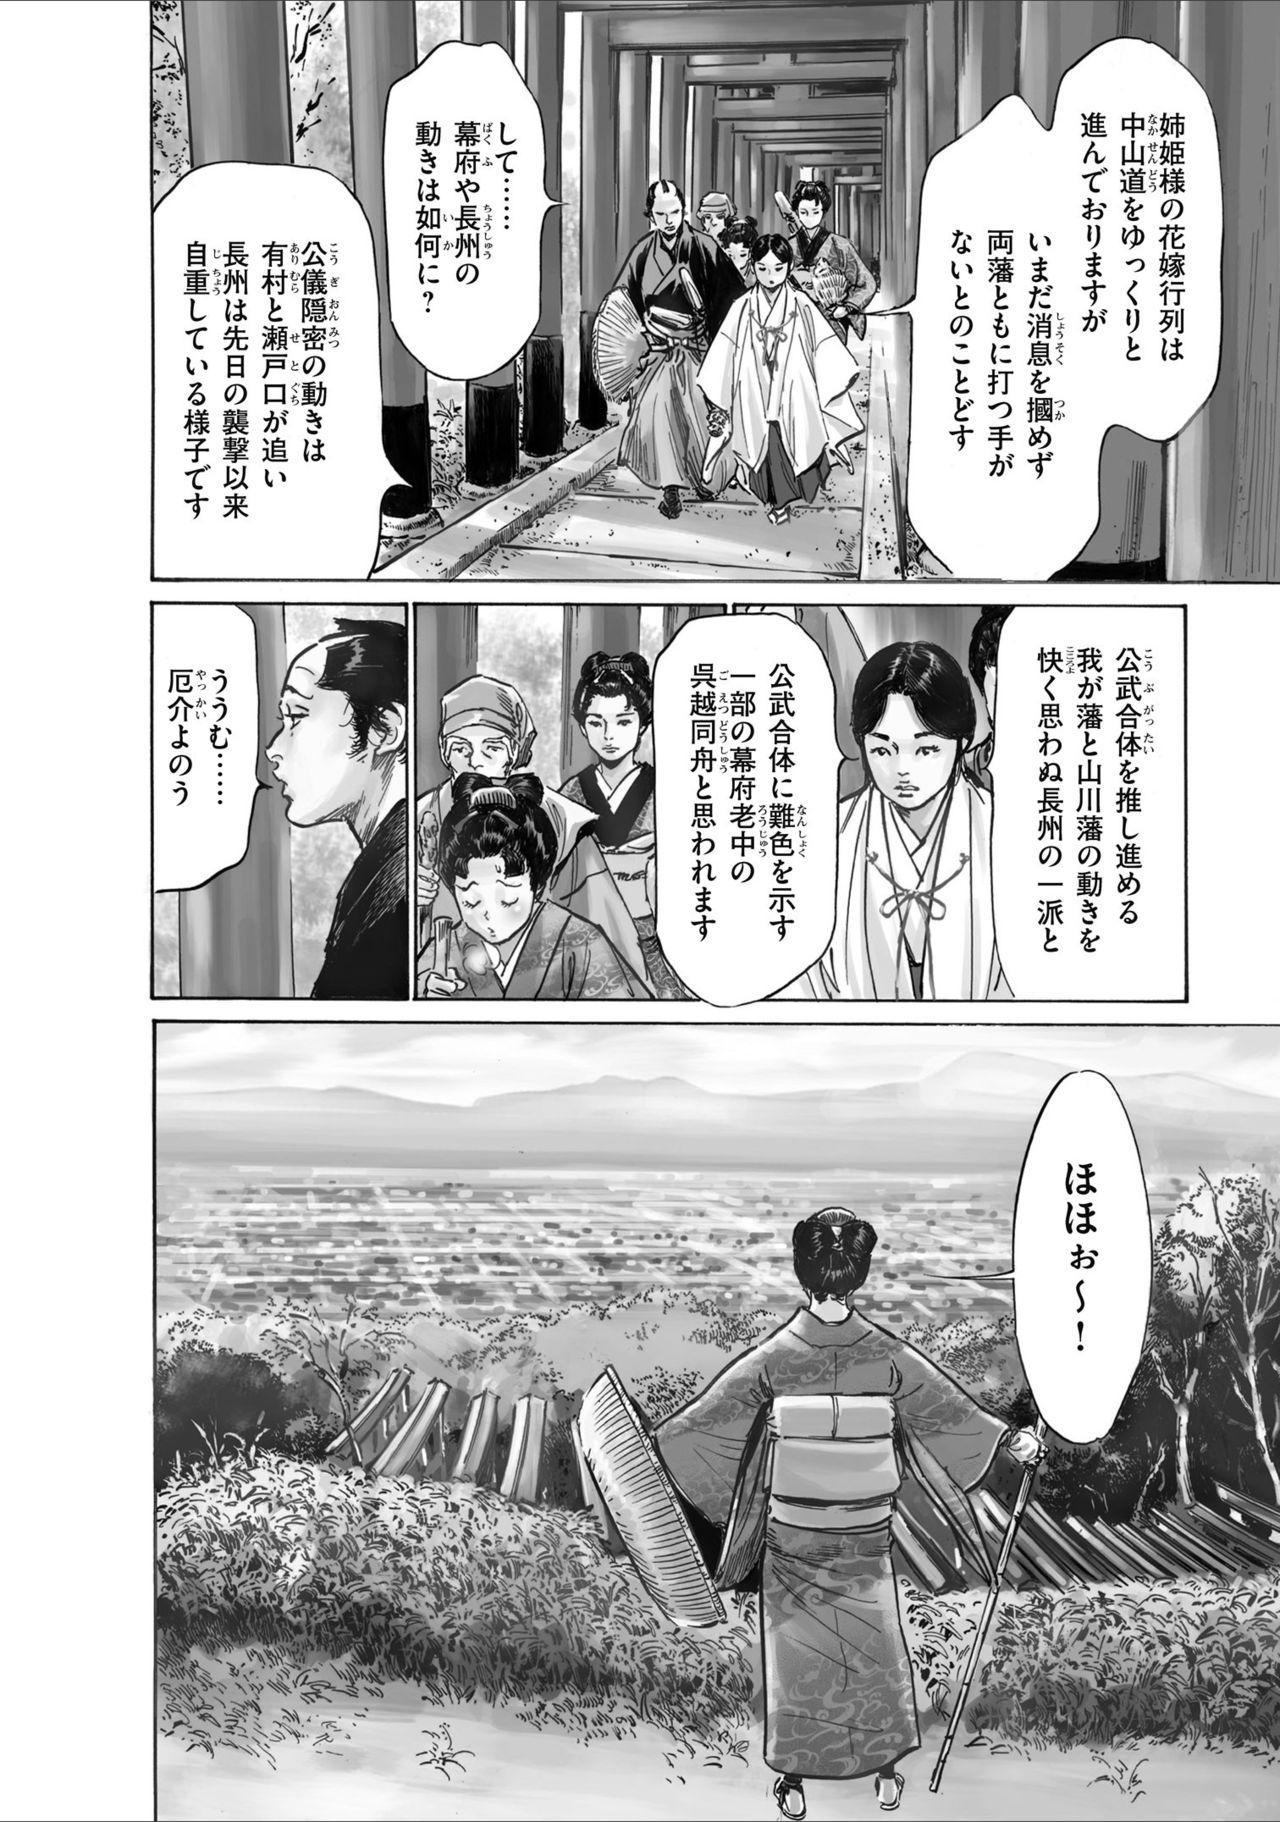 ひめごと 浮世艶草子 79